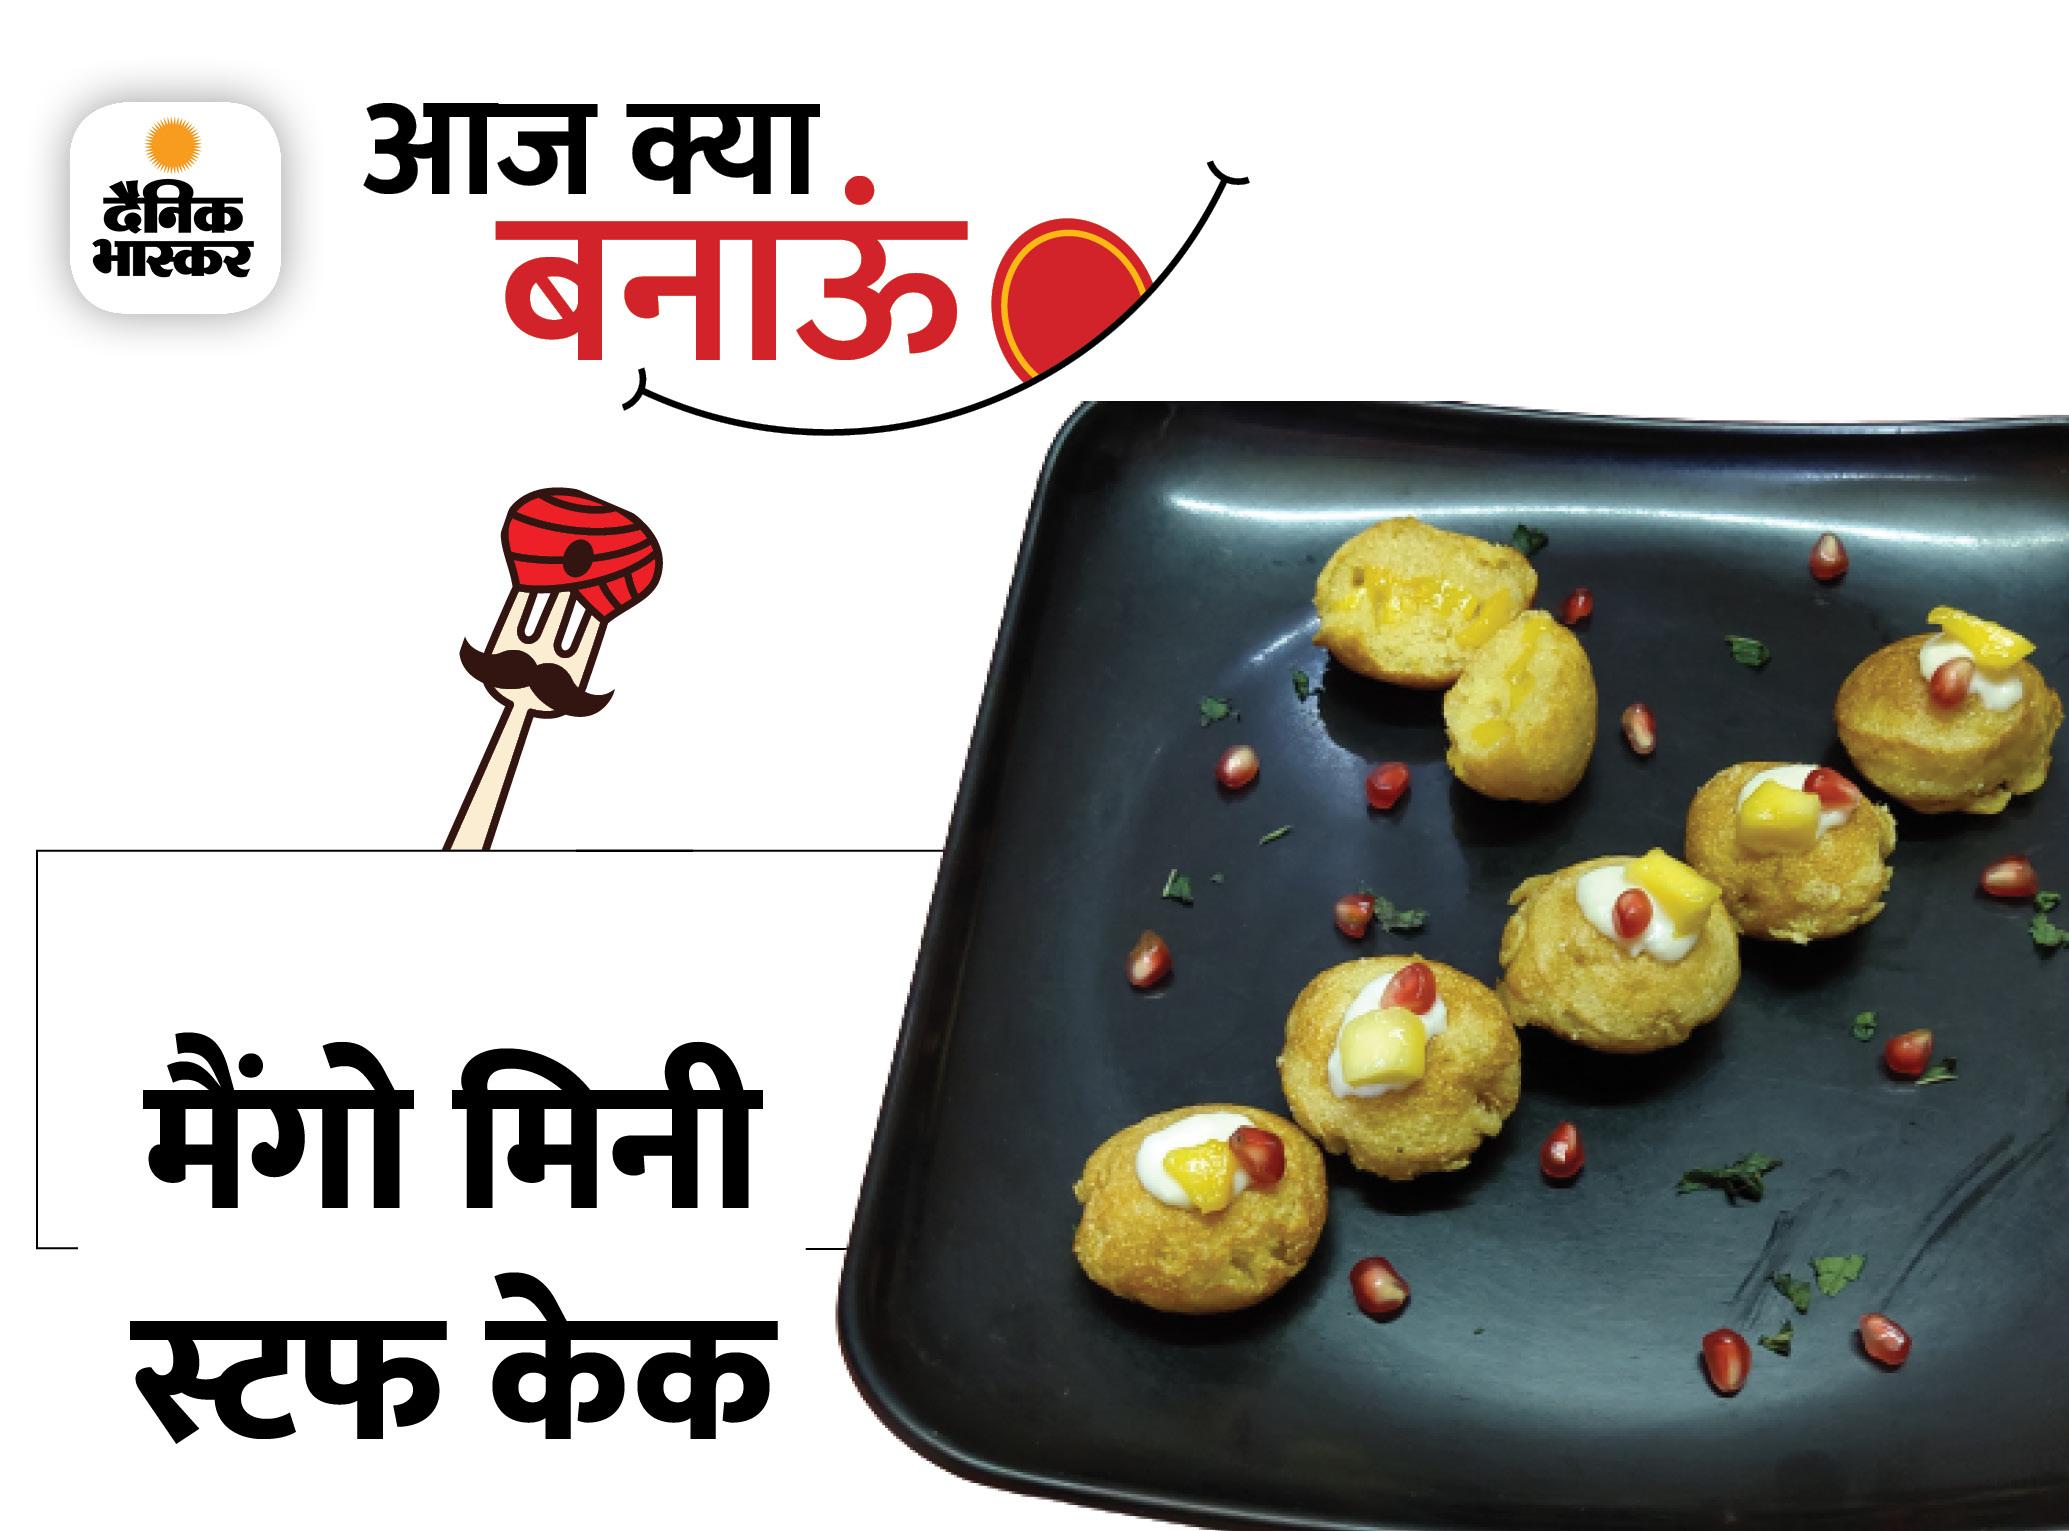 सूजी और आम से बना मैंगो मिनी स्टफ केक, बच्चे भी करेंगे इसे बार-बार खाने की फरमाइश लाइफस्टाइल,Lifestyle - Dainik Bhaskar